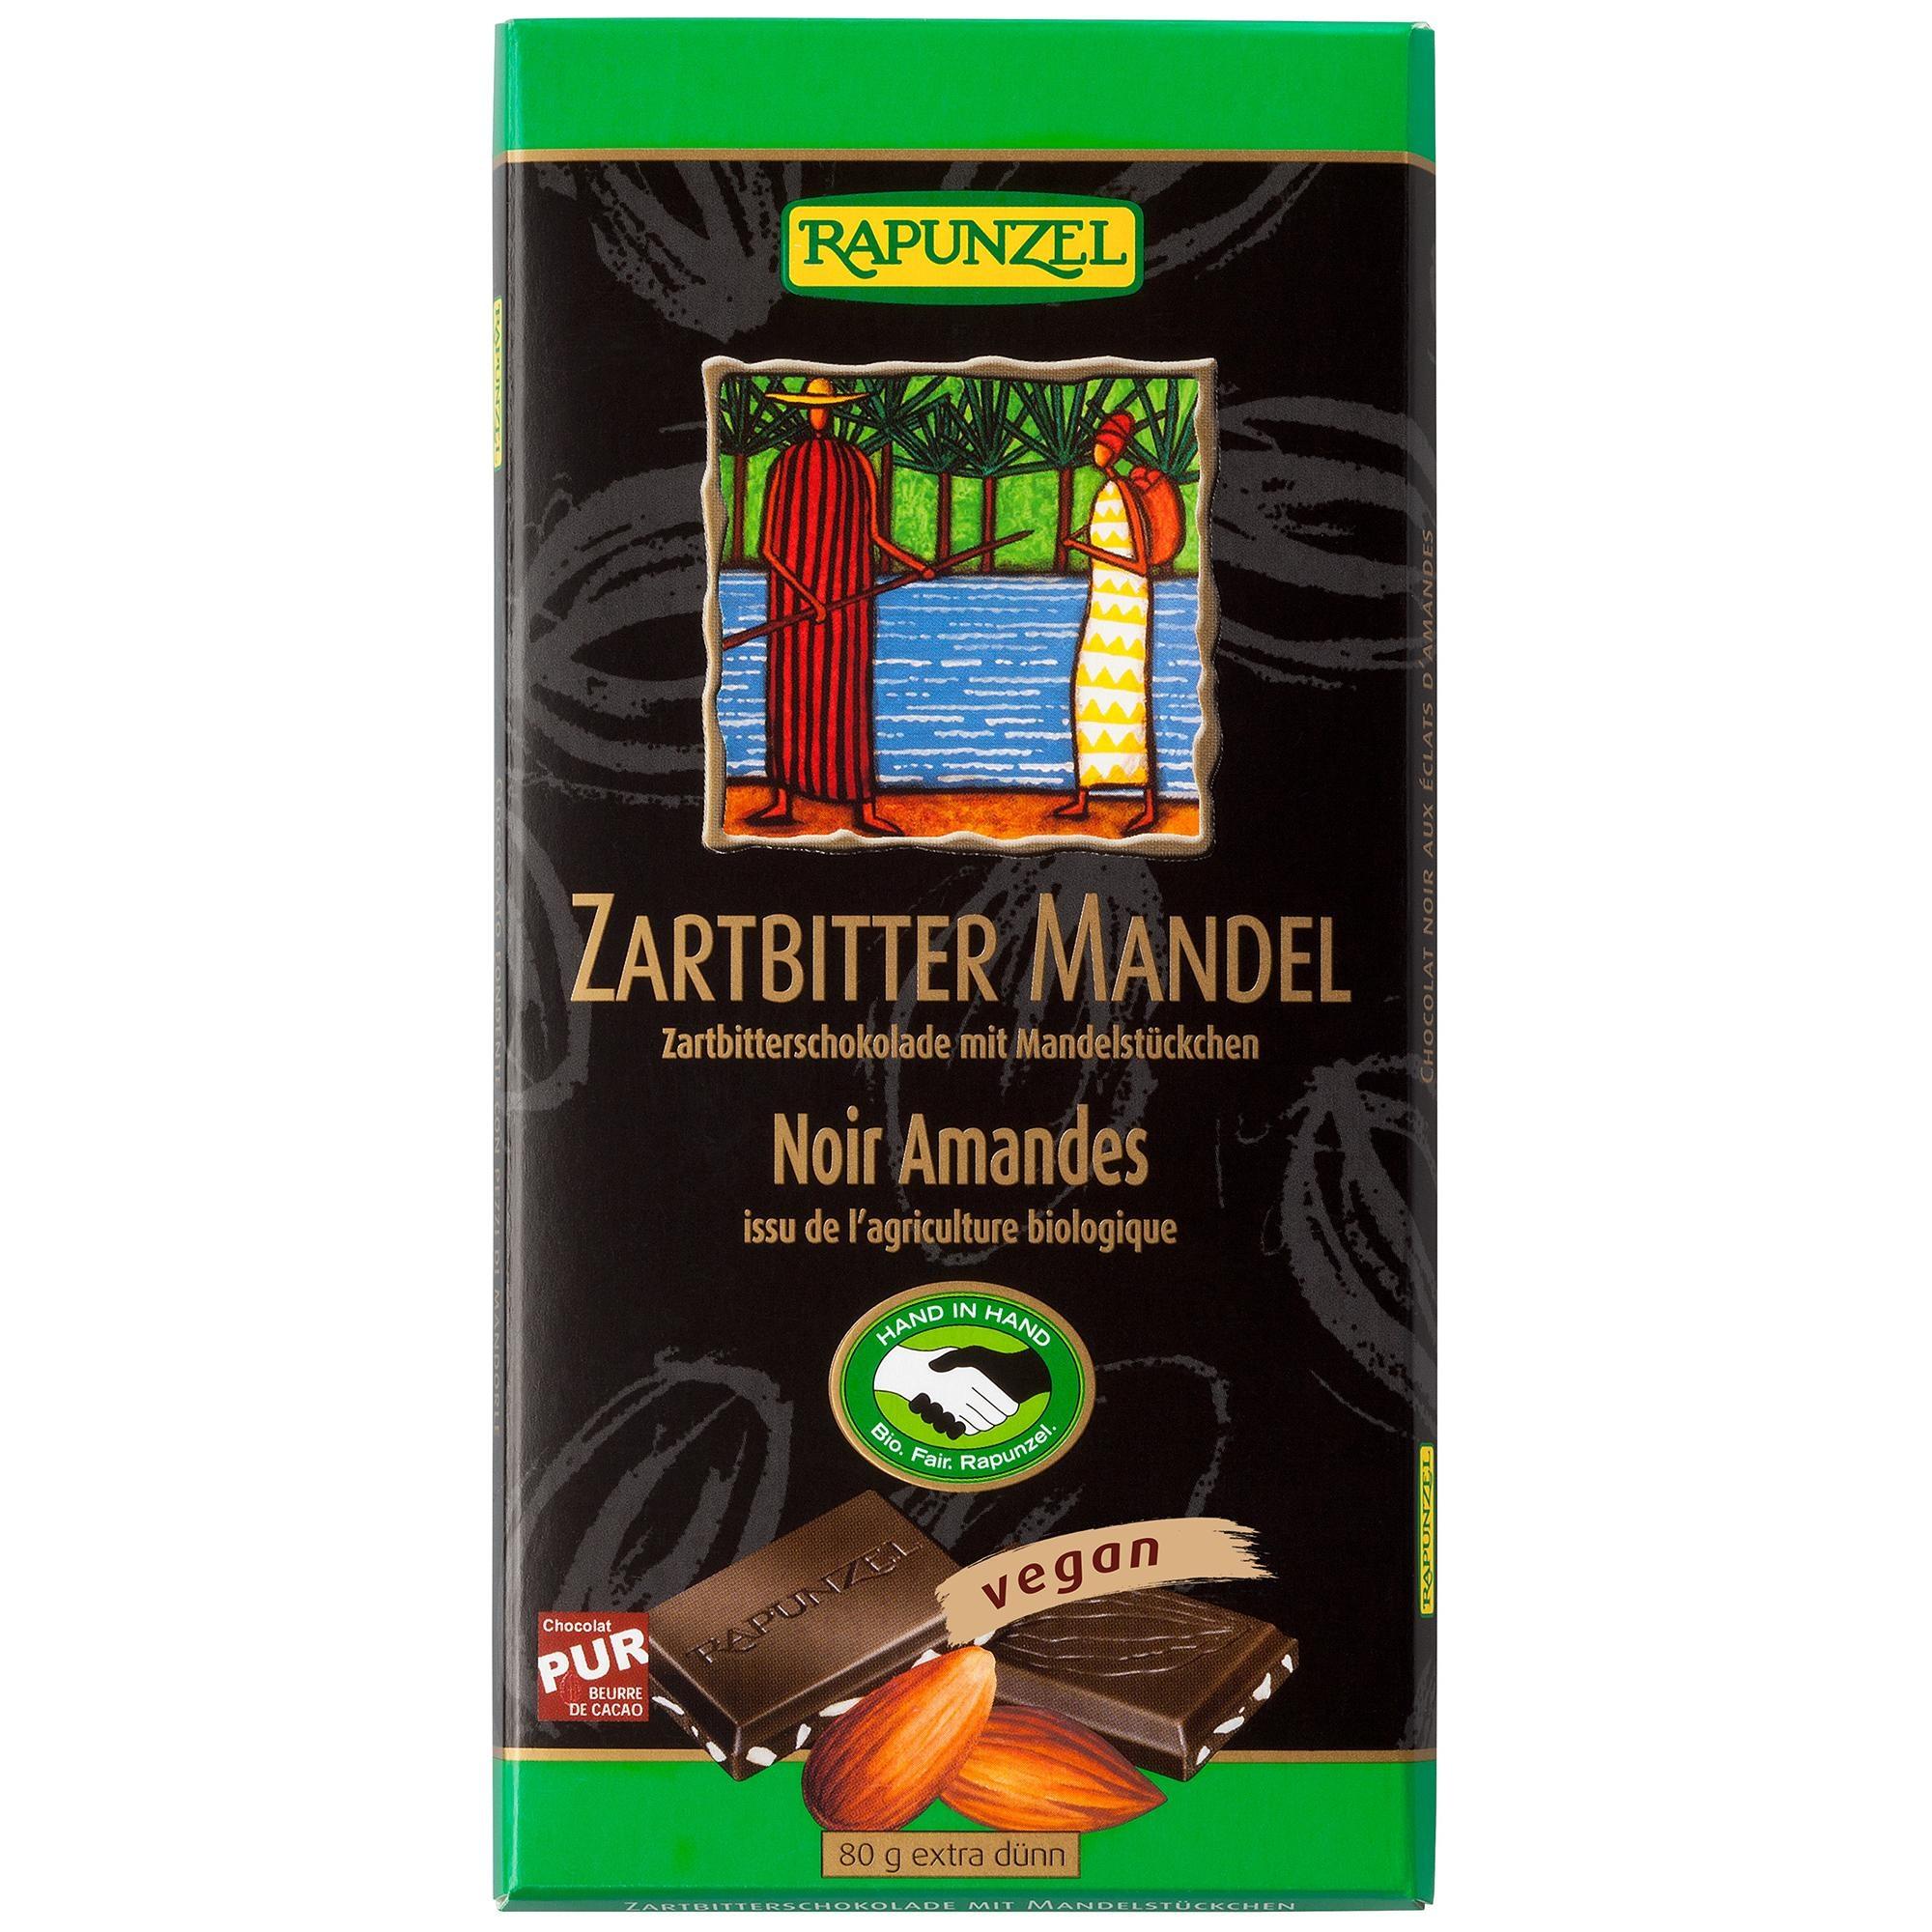 Rapunzel Bio Zartbitter Schokolade mit Mandelstückchen 55% 80g